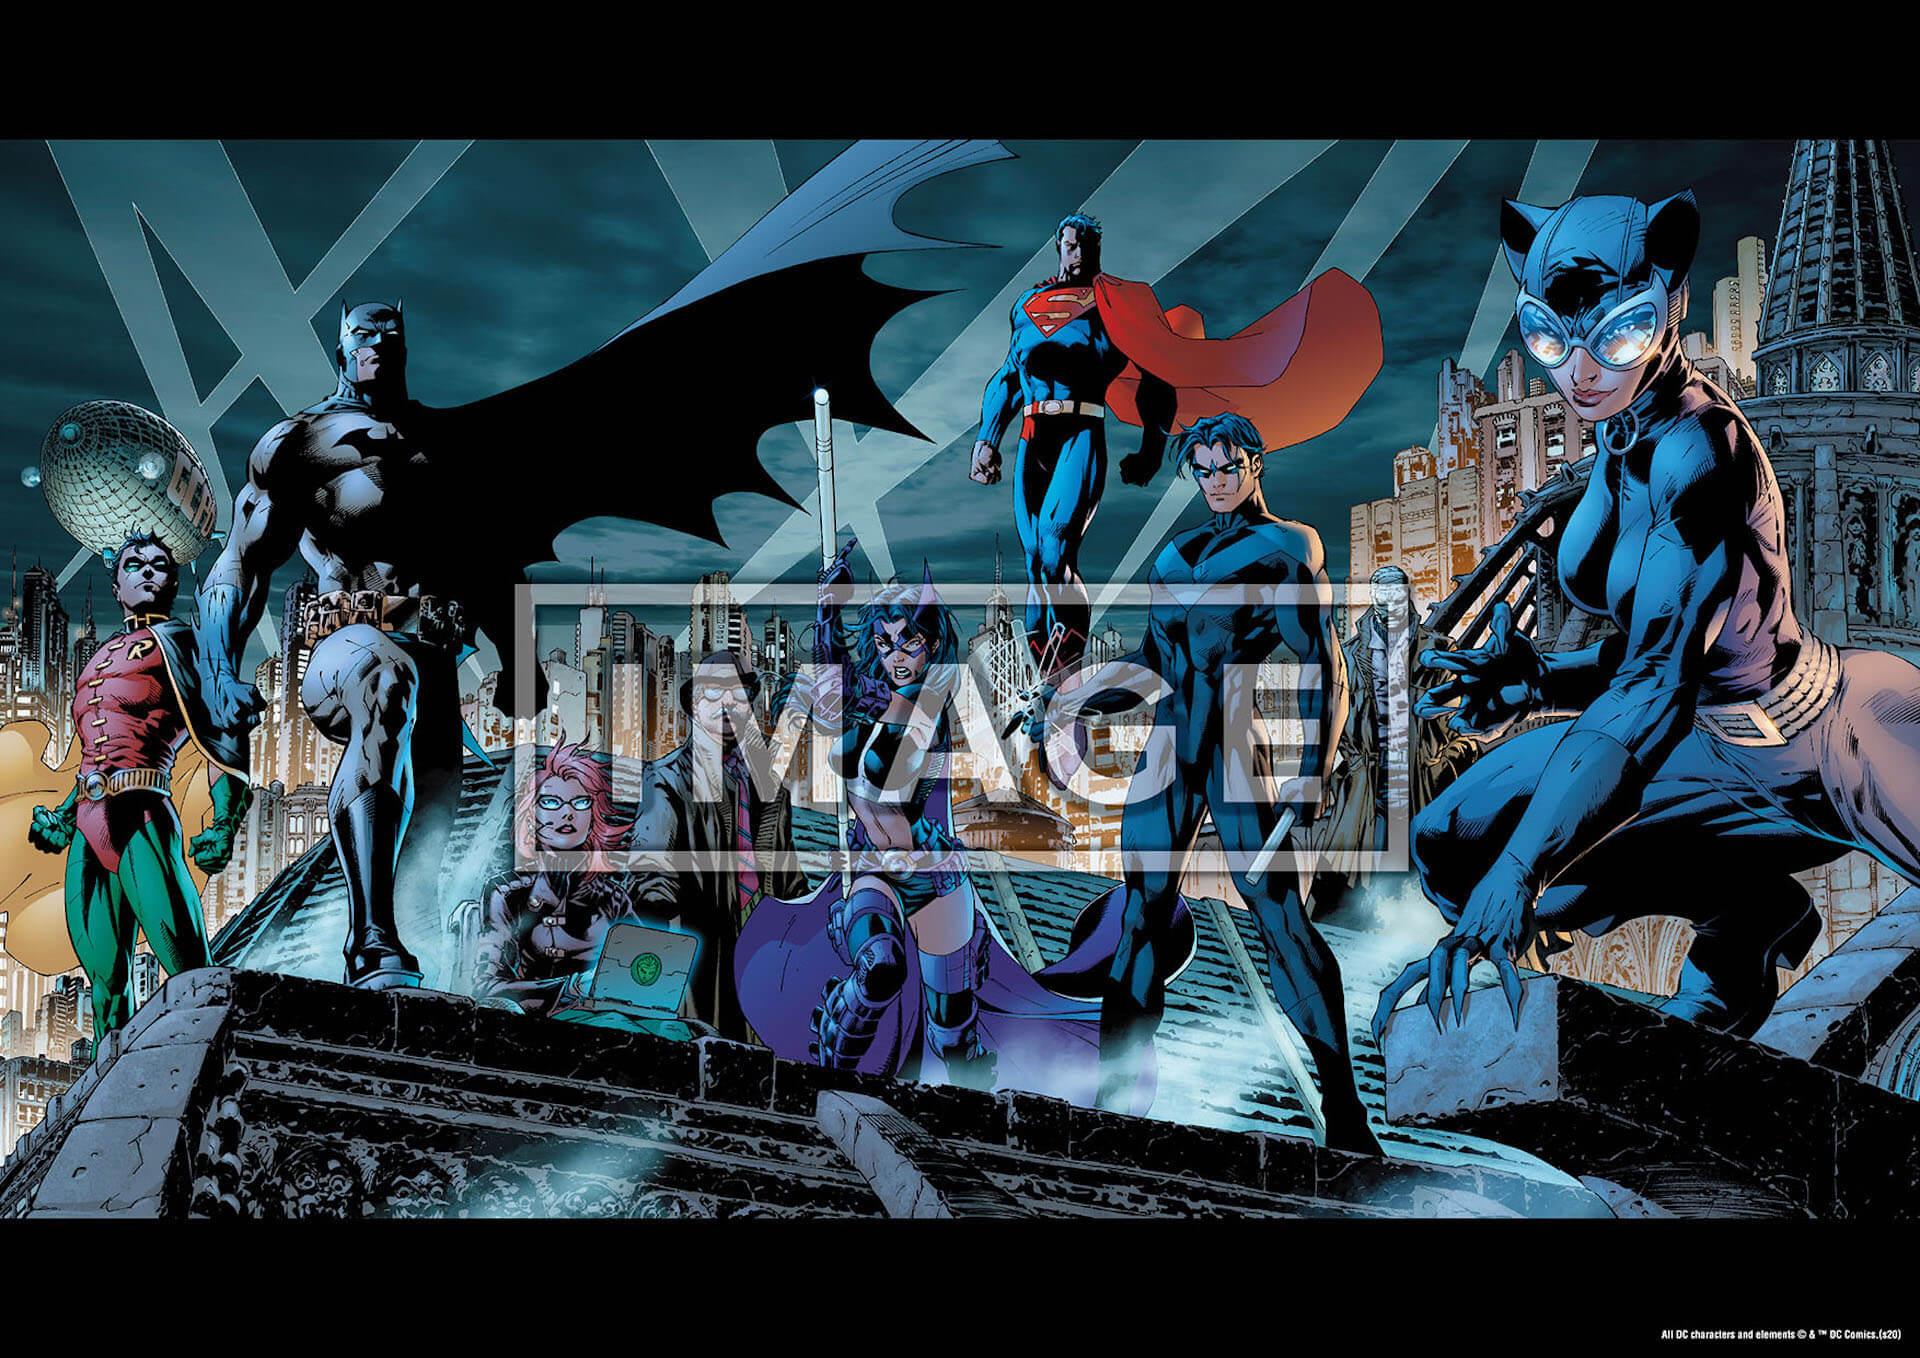 『ワンダーウーマン 1984』劇場公開記念!スーパーマン、バットマン、ジョーカーら人気DCキャラのBE@RBRICKや限定ポスターが当たるHappyくじが発売 art201216_dc_bearbrick_20